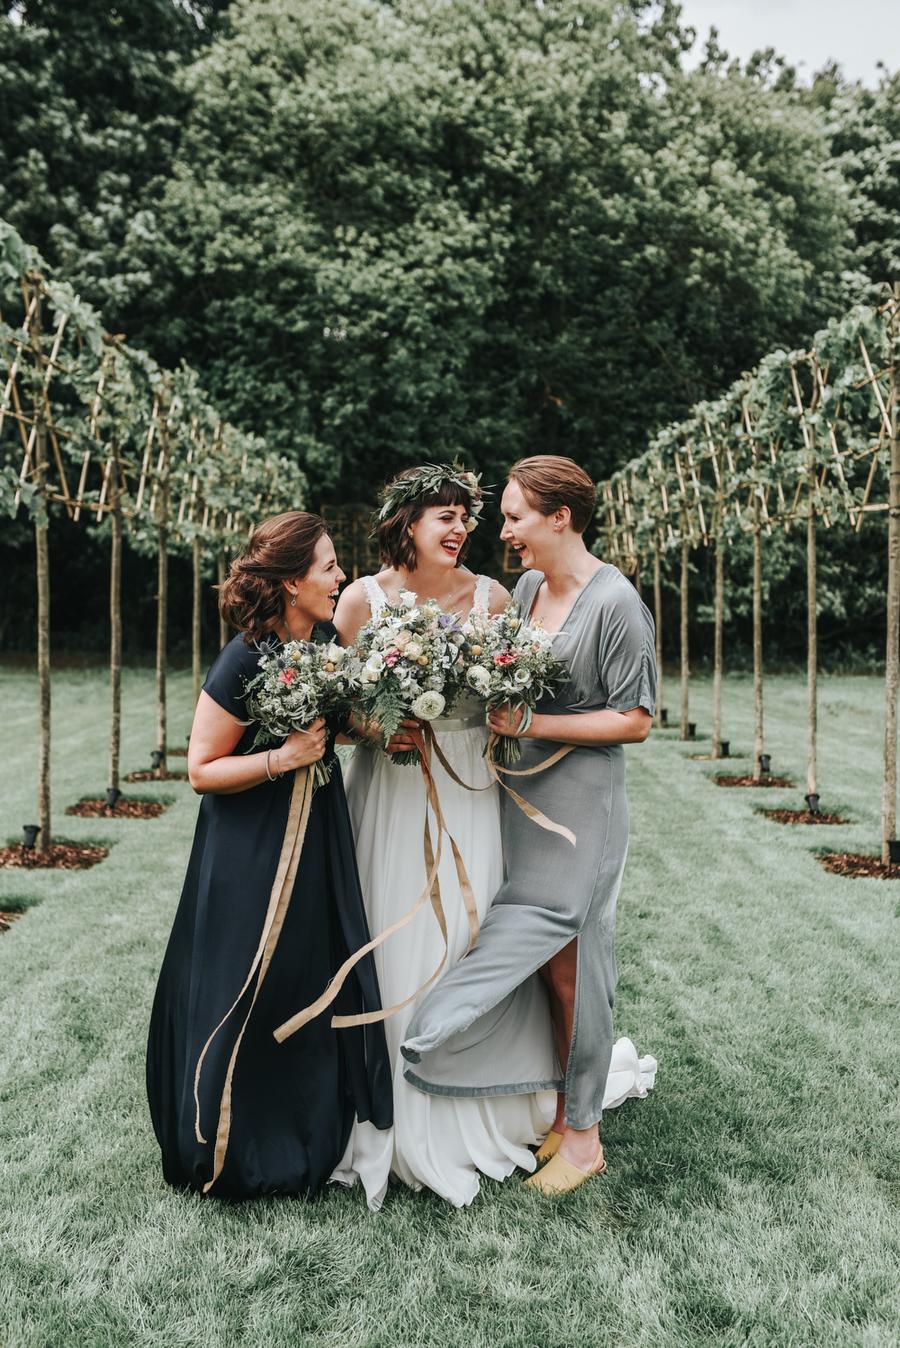 Real Wedding, Barn, Wedding, Bride, Bridesmaid